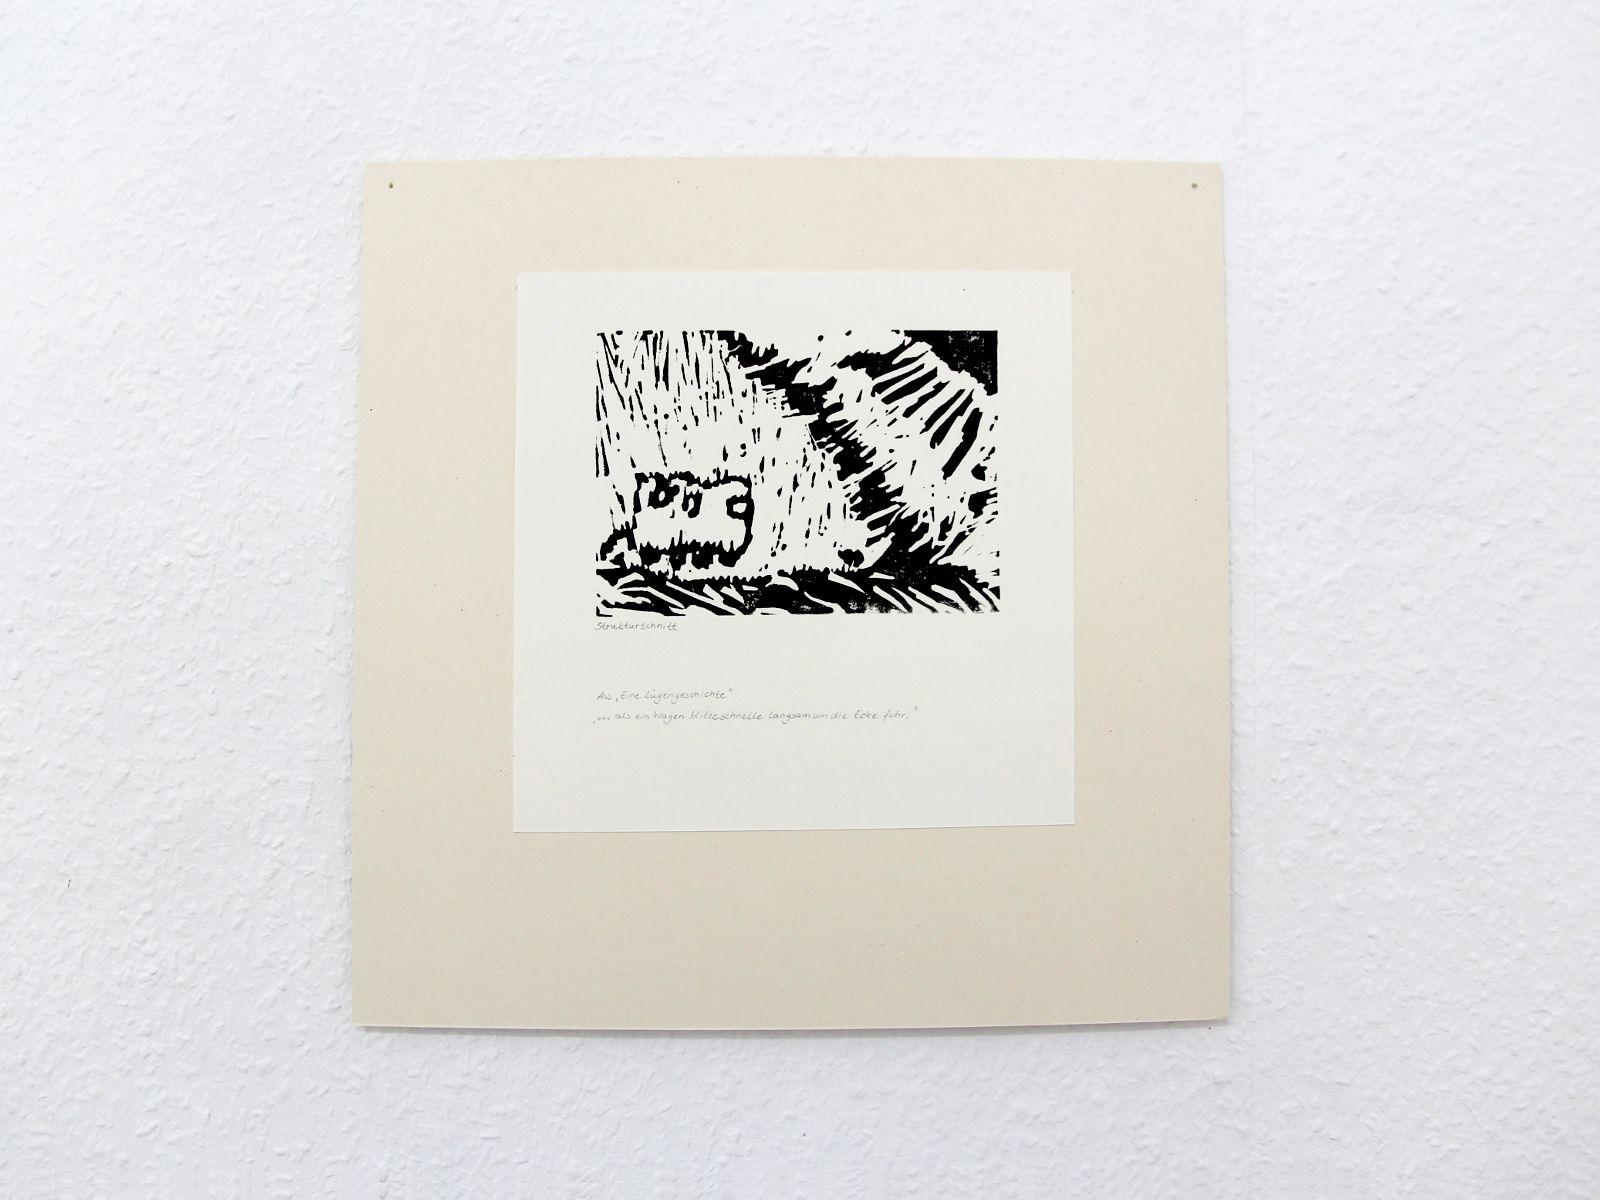 Kunstgespuer Kinderatelier-Ausstellung-Fantasievolle-Druckgrafik-Plastik Luegengeschichte 6